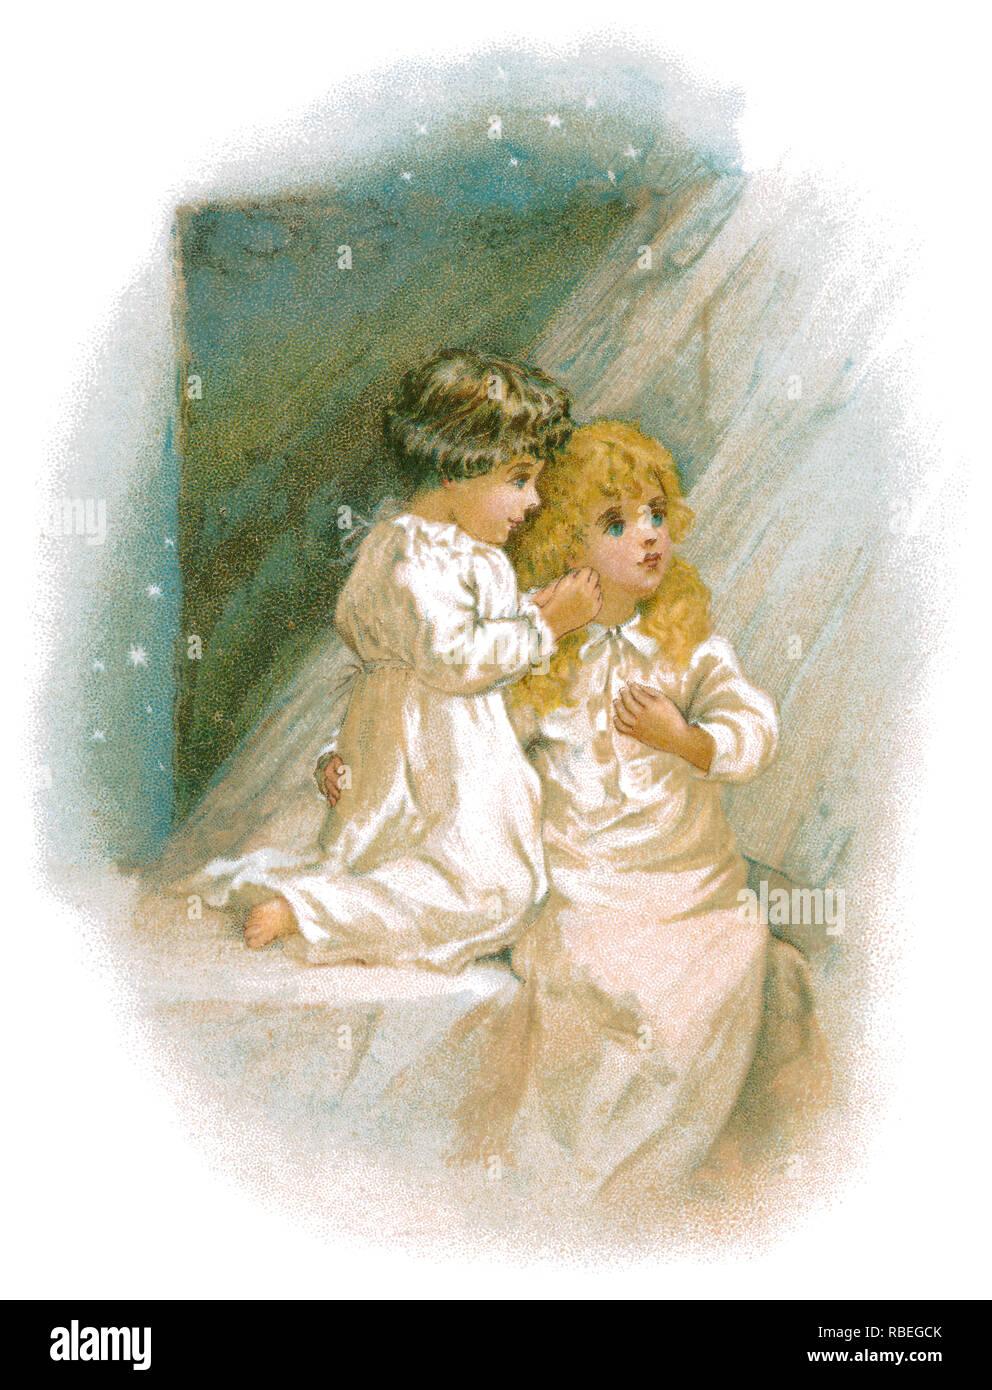 1893 locker Viktorianischen Abbildung von zwei Kinder. Stockfoto